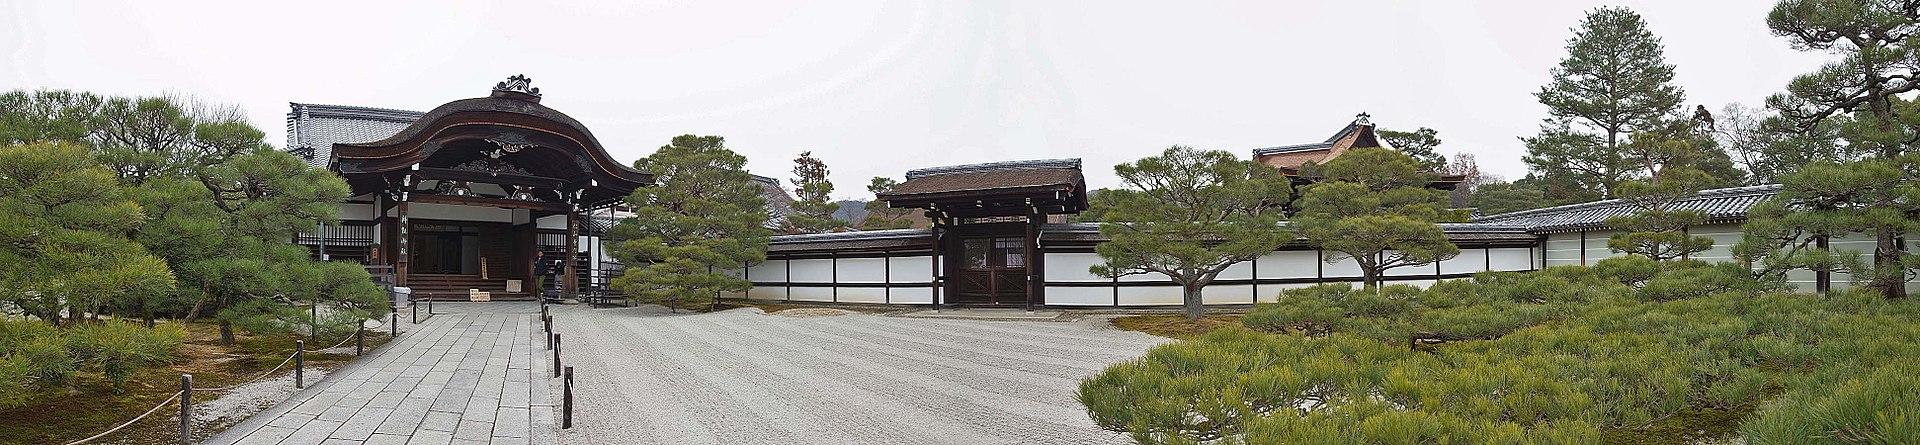 1920px-Ninna-ji_,_仁和寺_-_panoramio_(1).jpg